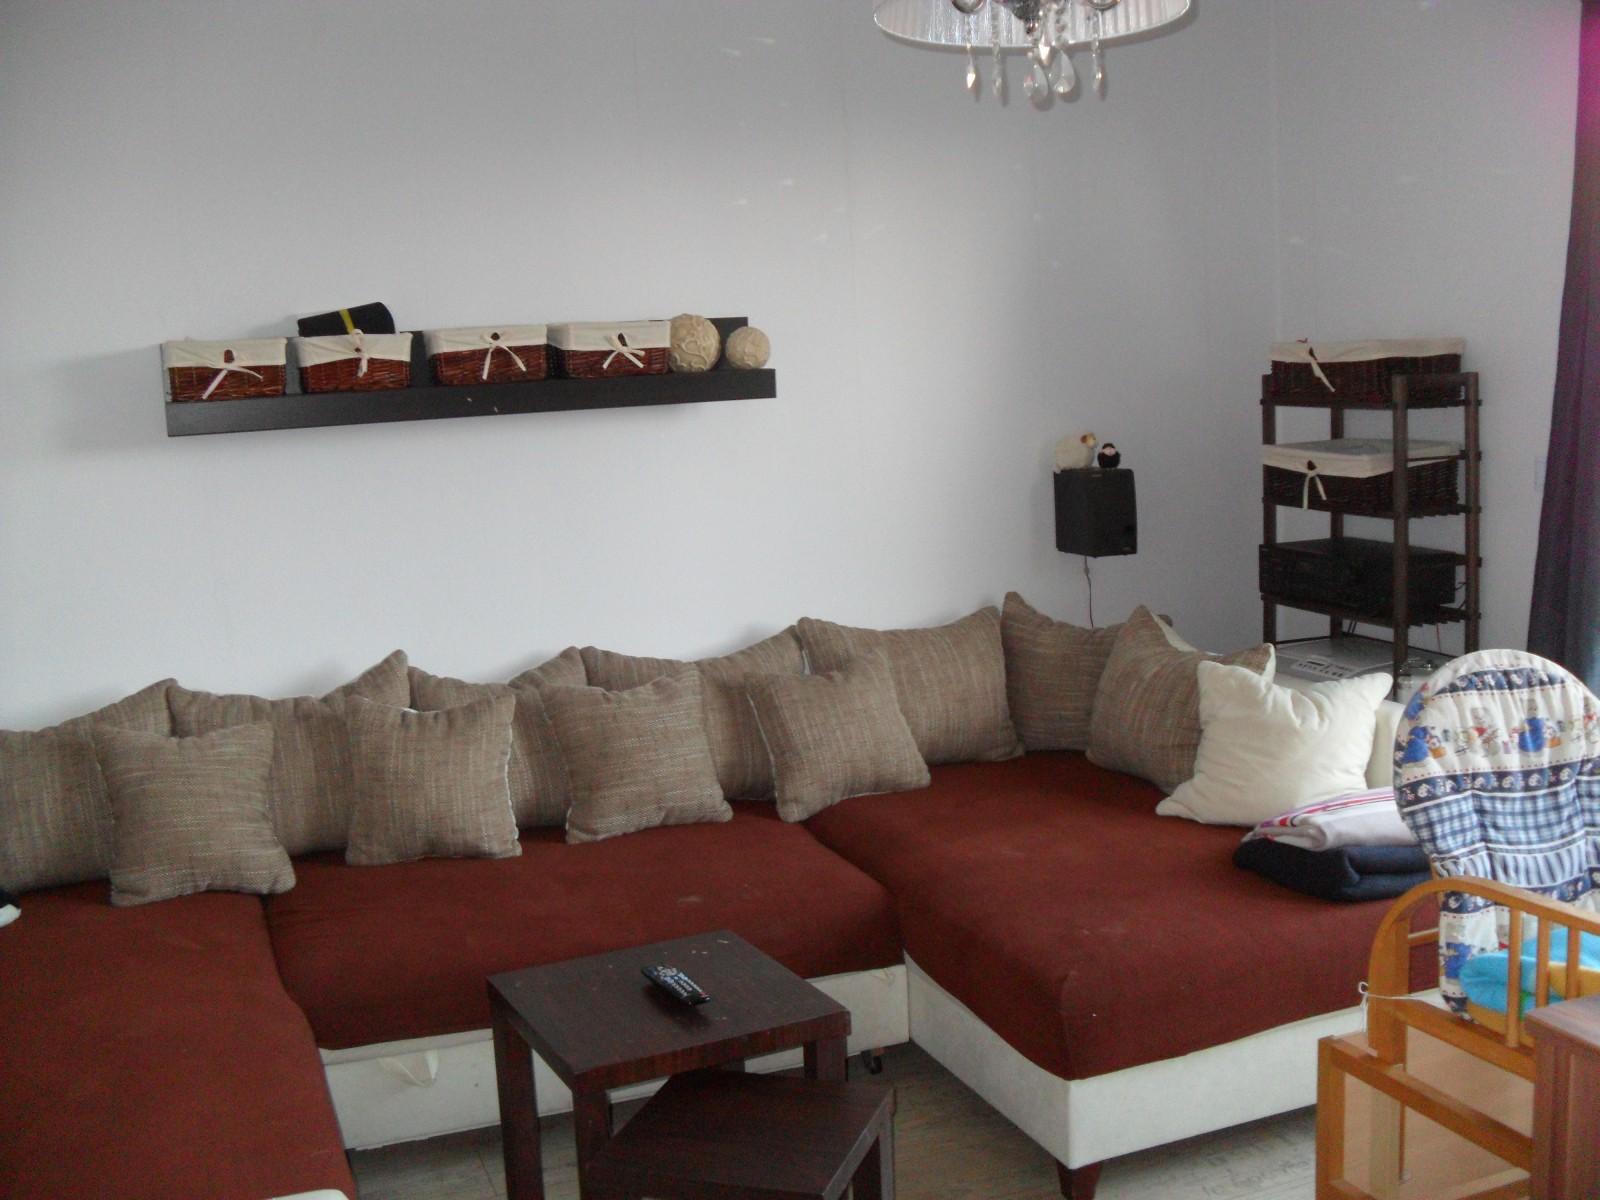 wohnzimmer 39 unser neues wohnzimmer 39 unser haus nach dem. Black Bedroom Furniture Sets. Home Design Ideas